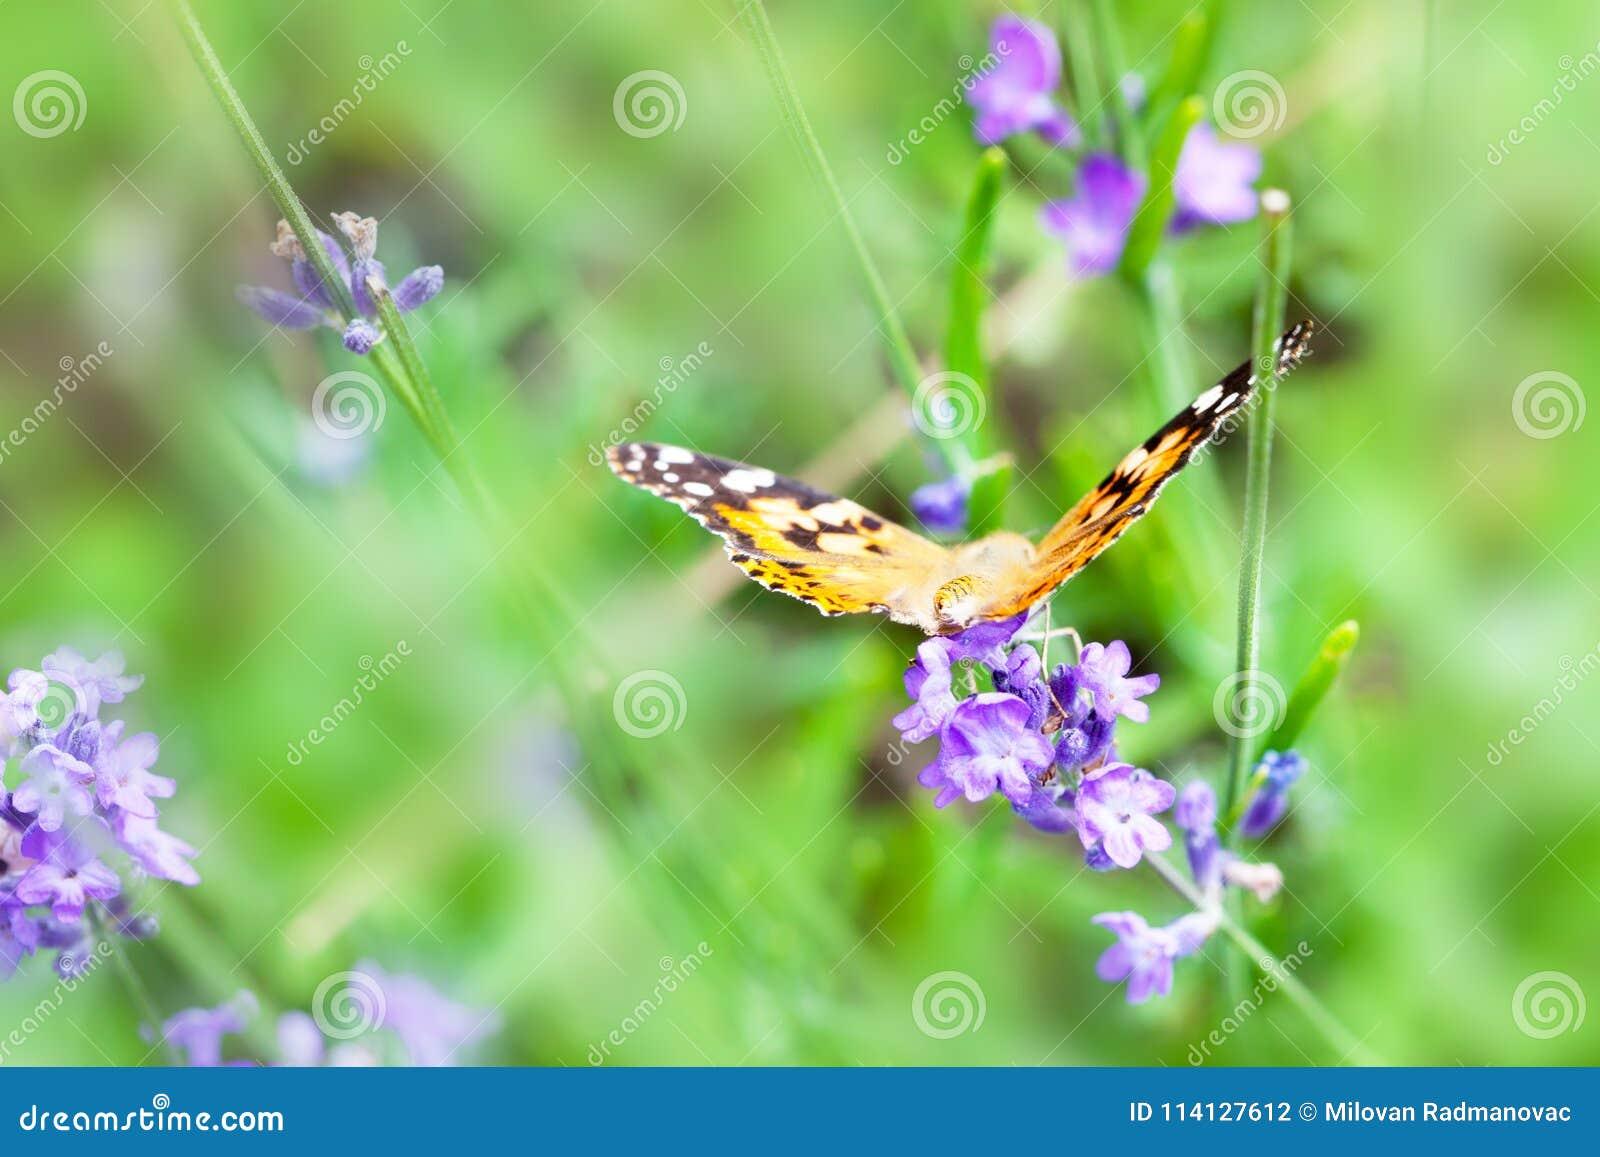 Оранжевая и черная бабочка на фиолетовом цветке